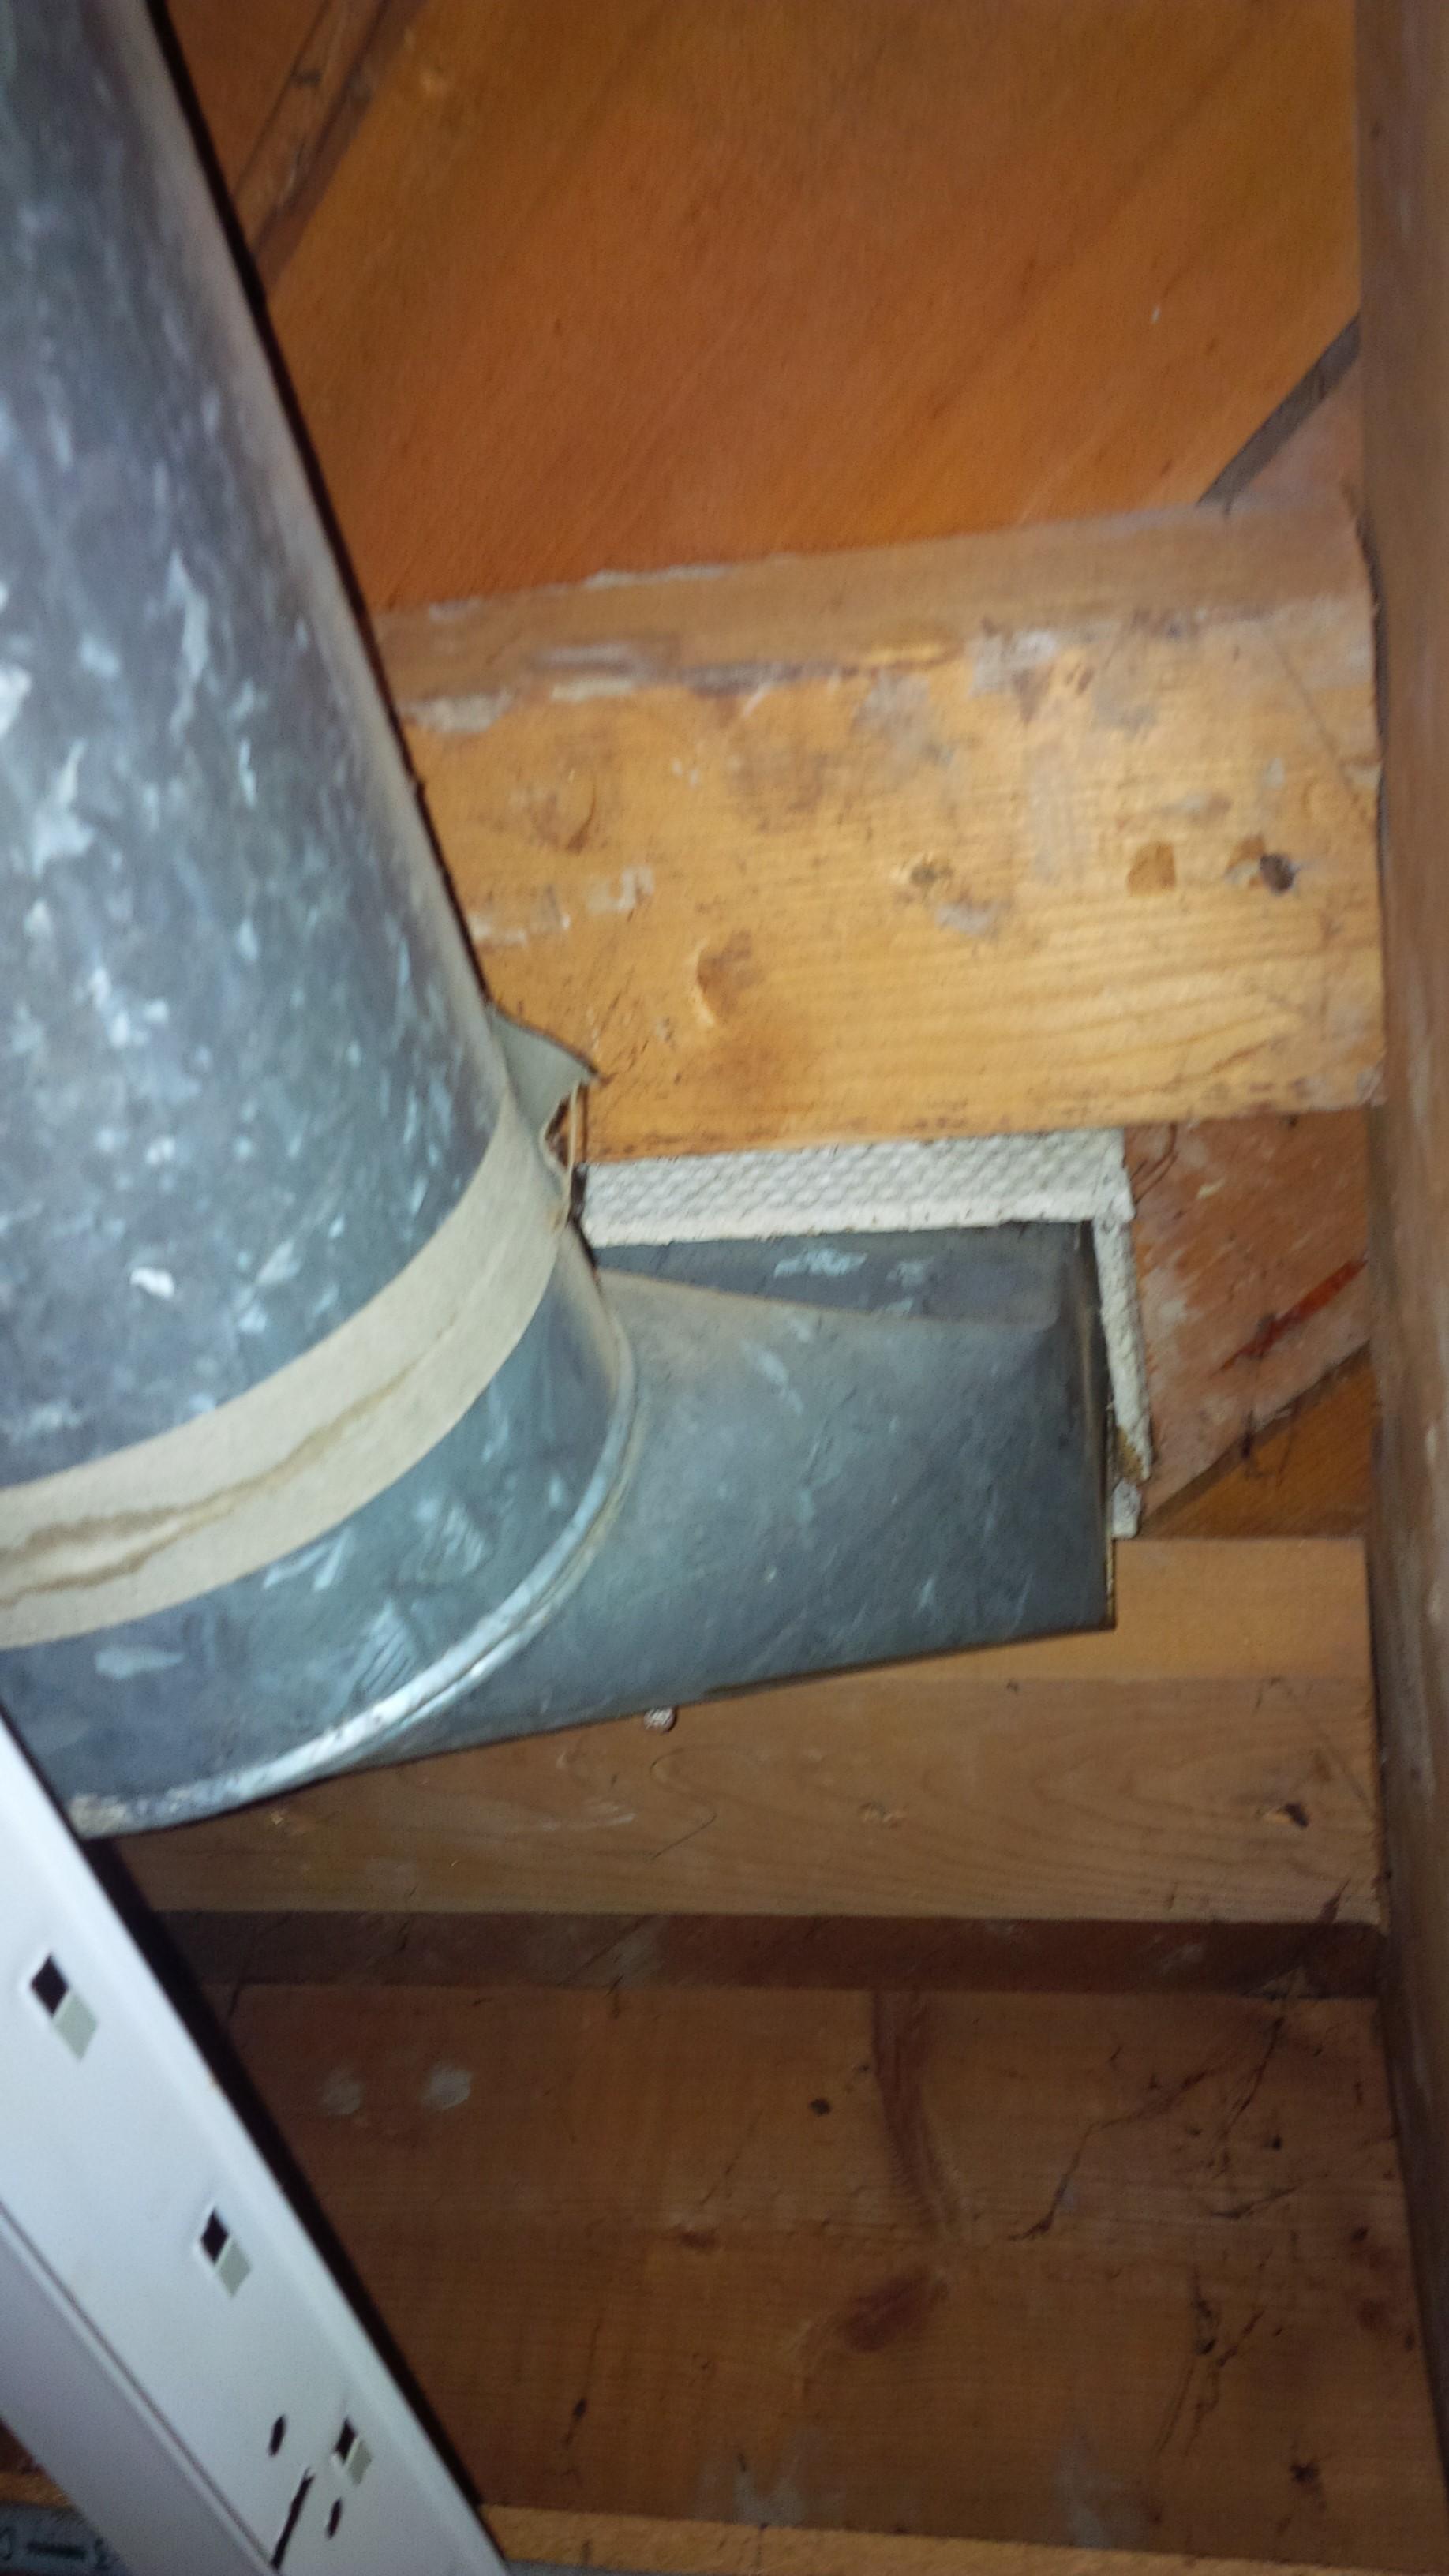 Asbestos duct gasket